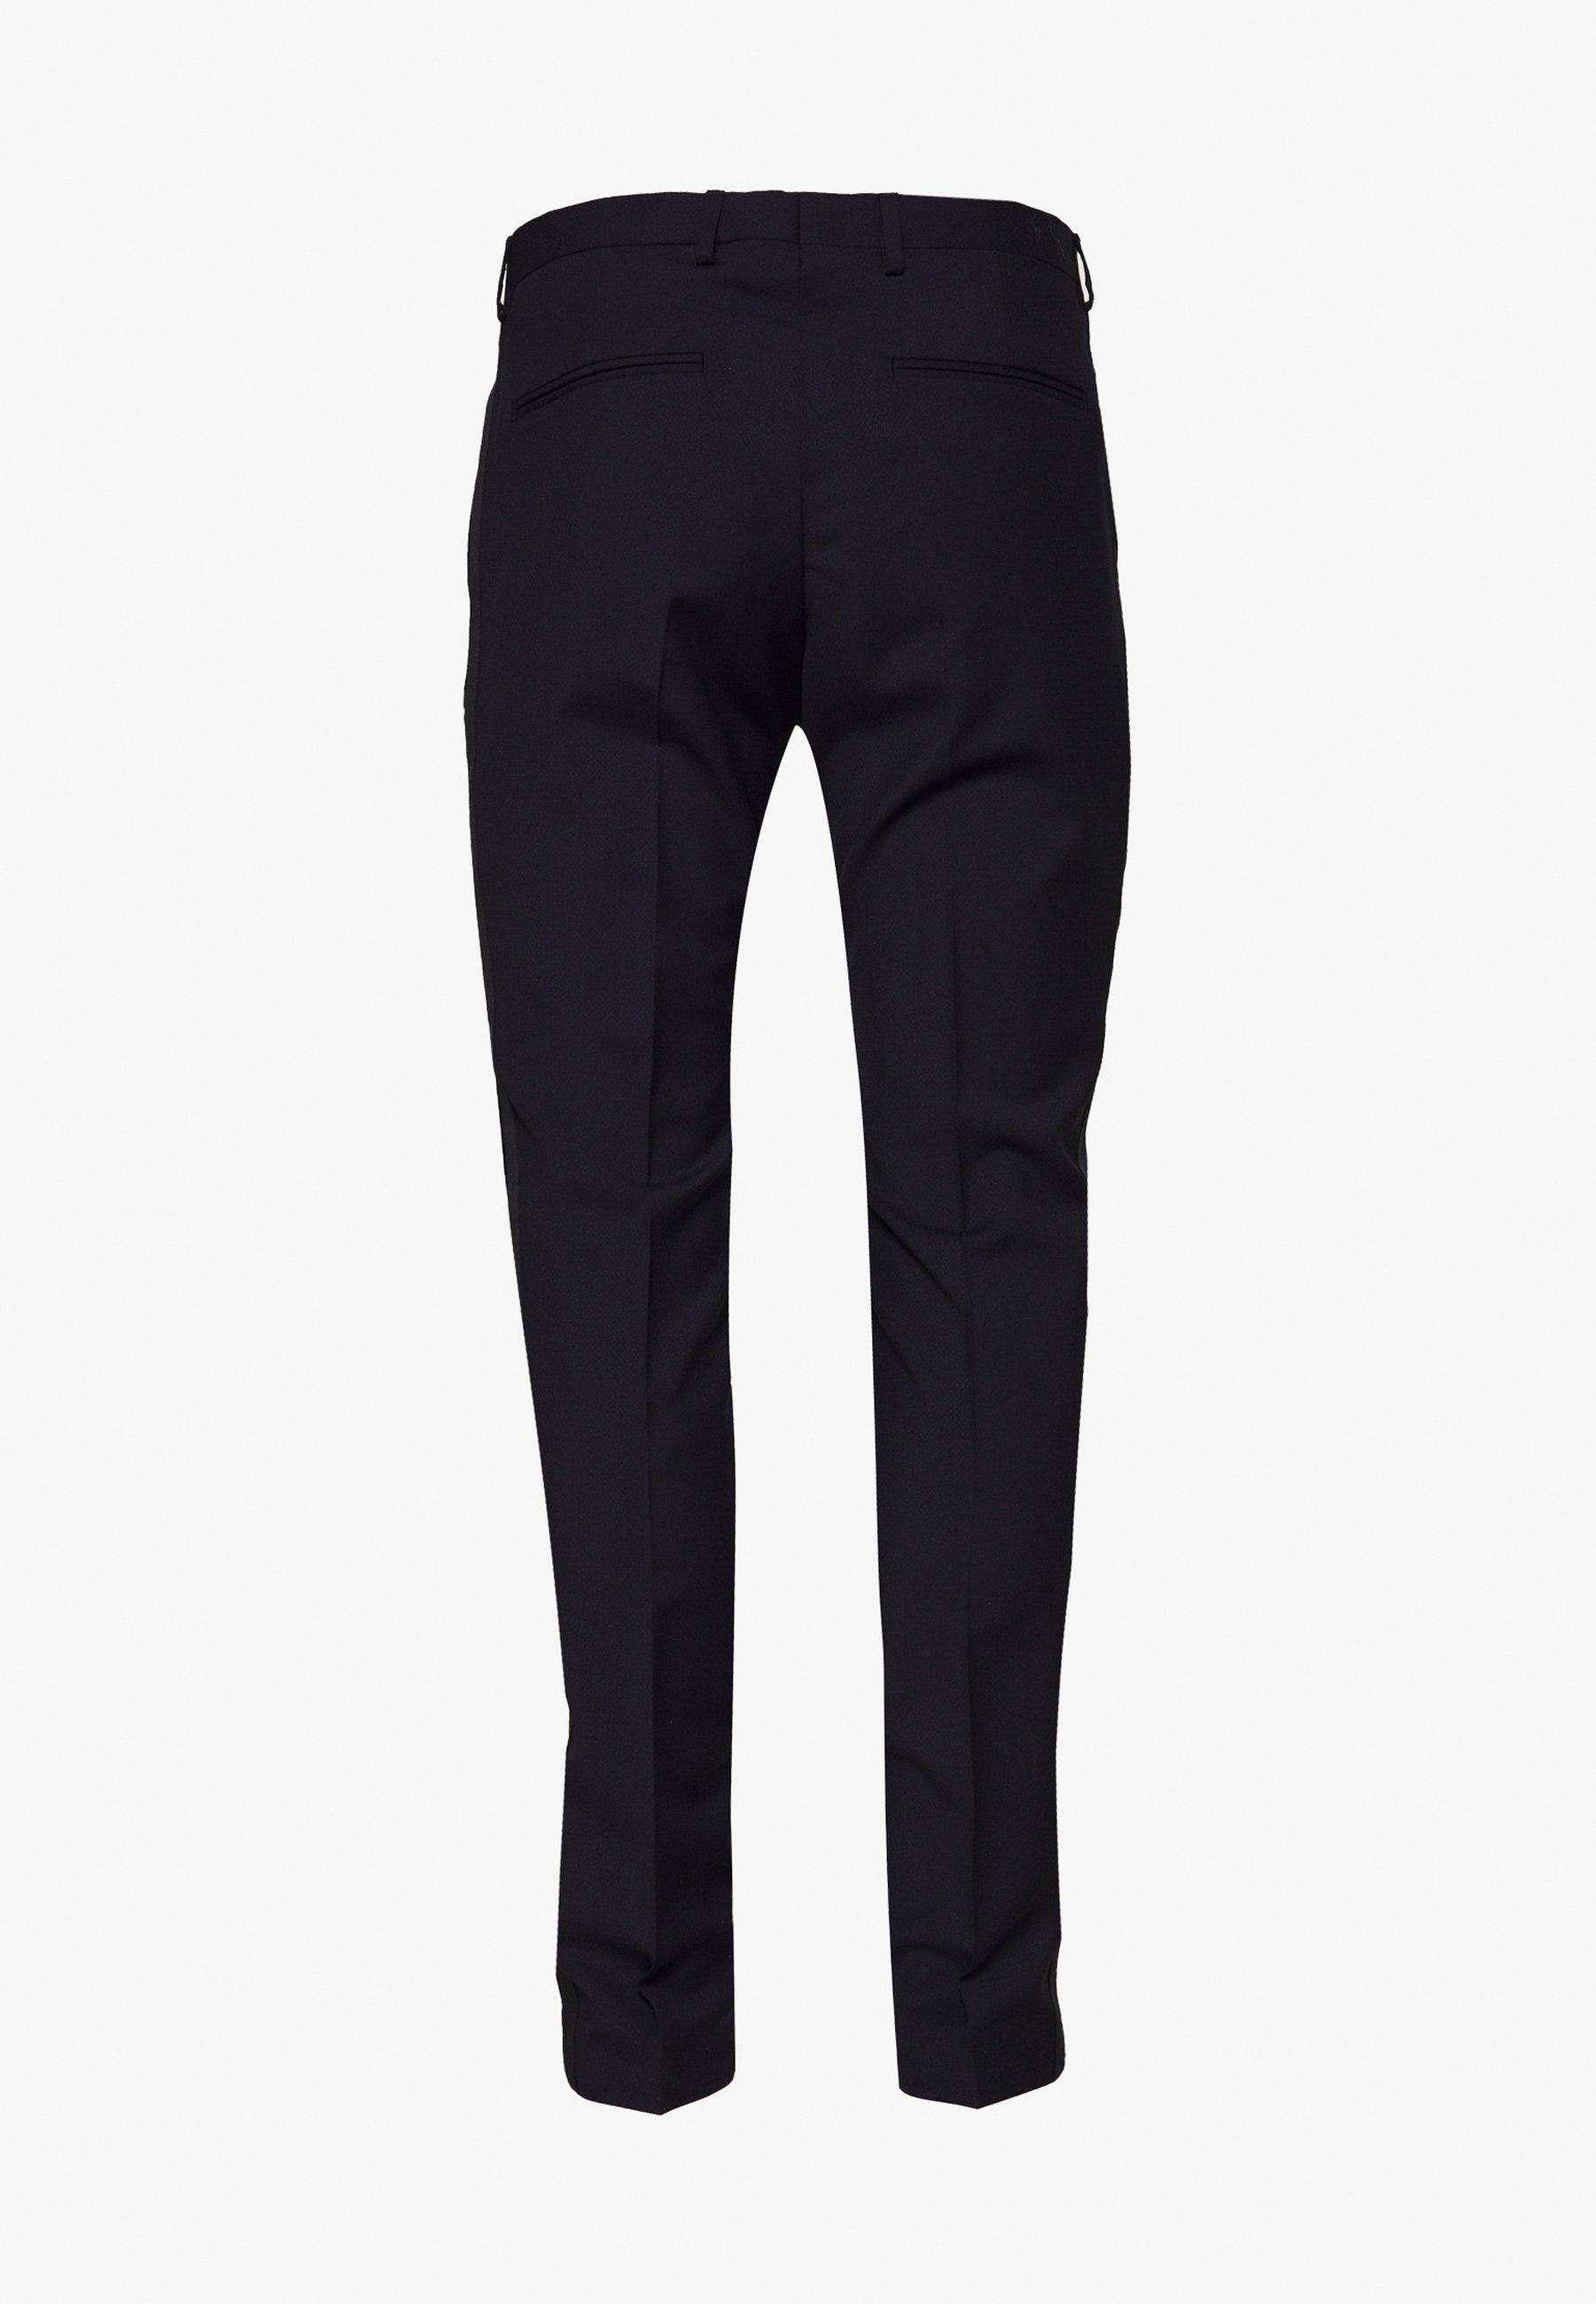 The Kooples Pantalon - Suit Trousers Navy